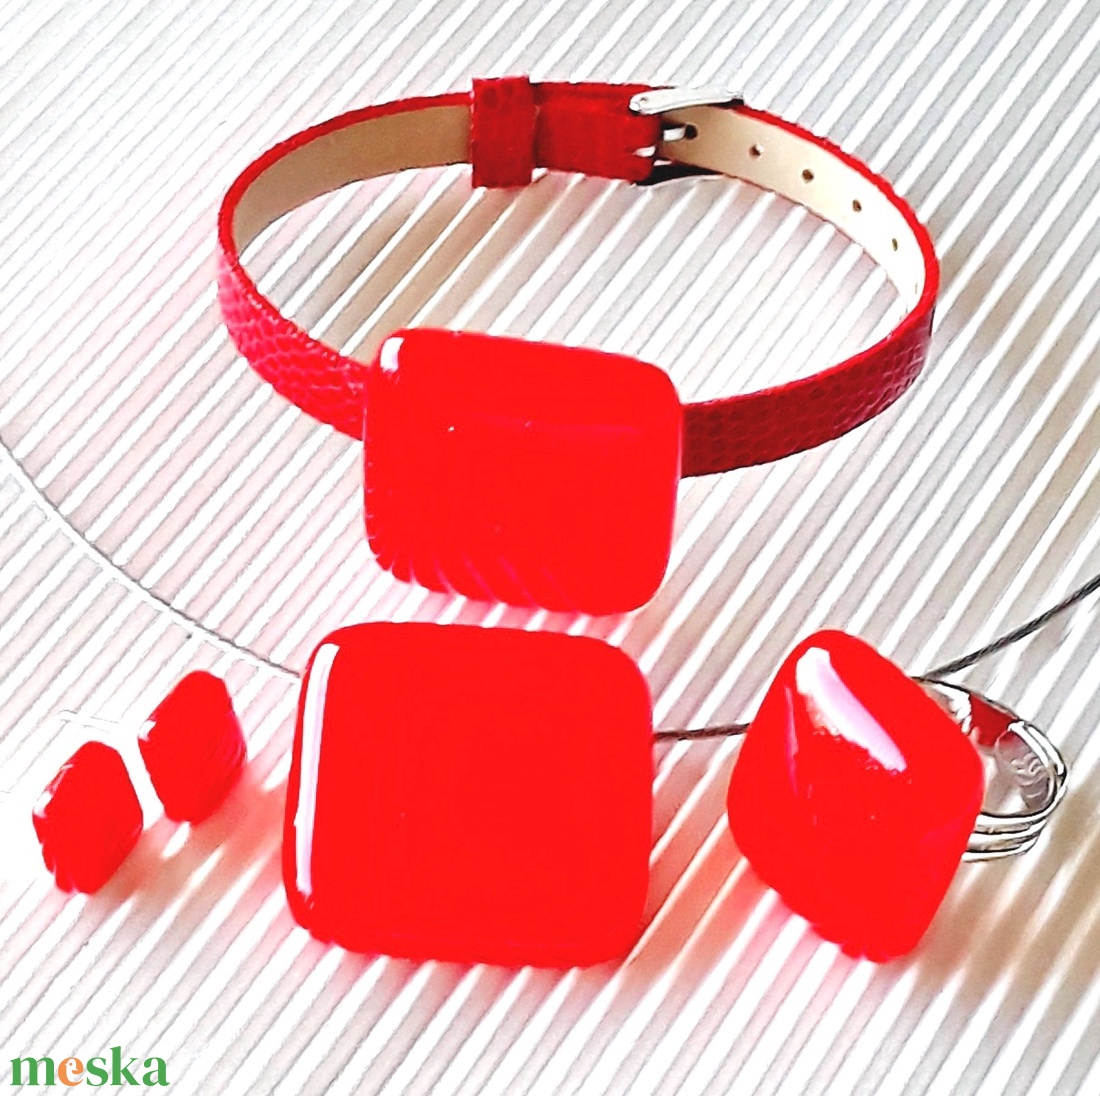 UTOLSÓ DARAB! - Ferrari piros üveg gyűrű és fülbevaló ORVOSI FÉM bedugón, üvegékszer szett - ékszer - ékszerszett - Meska.hu